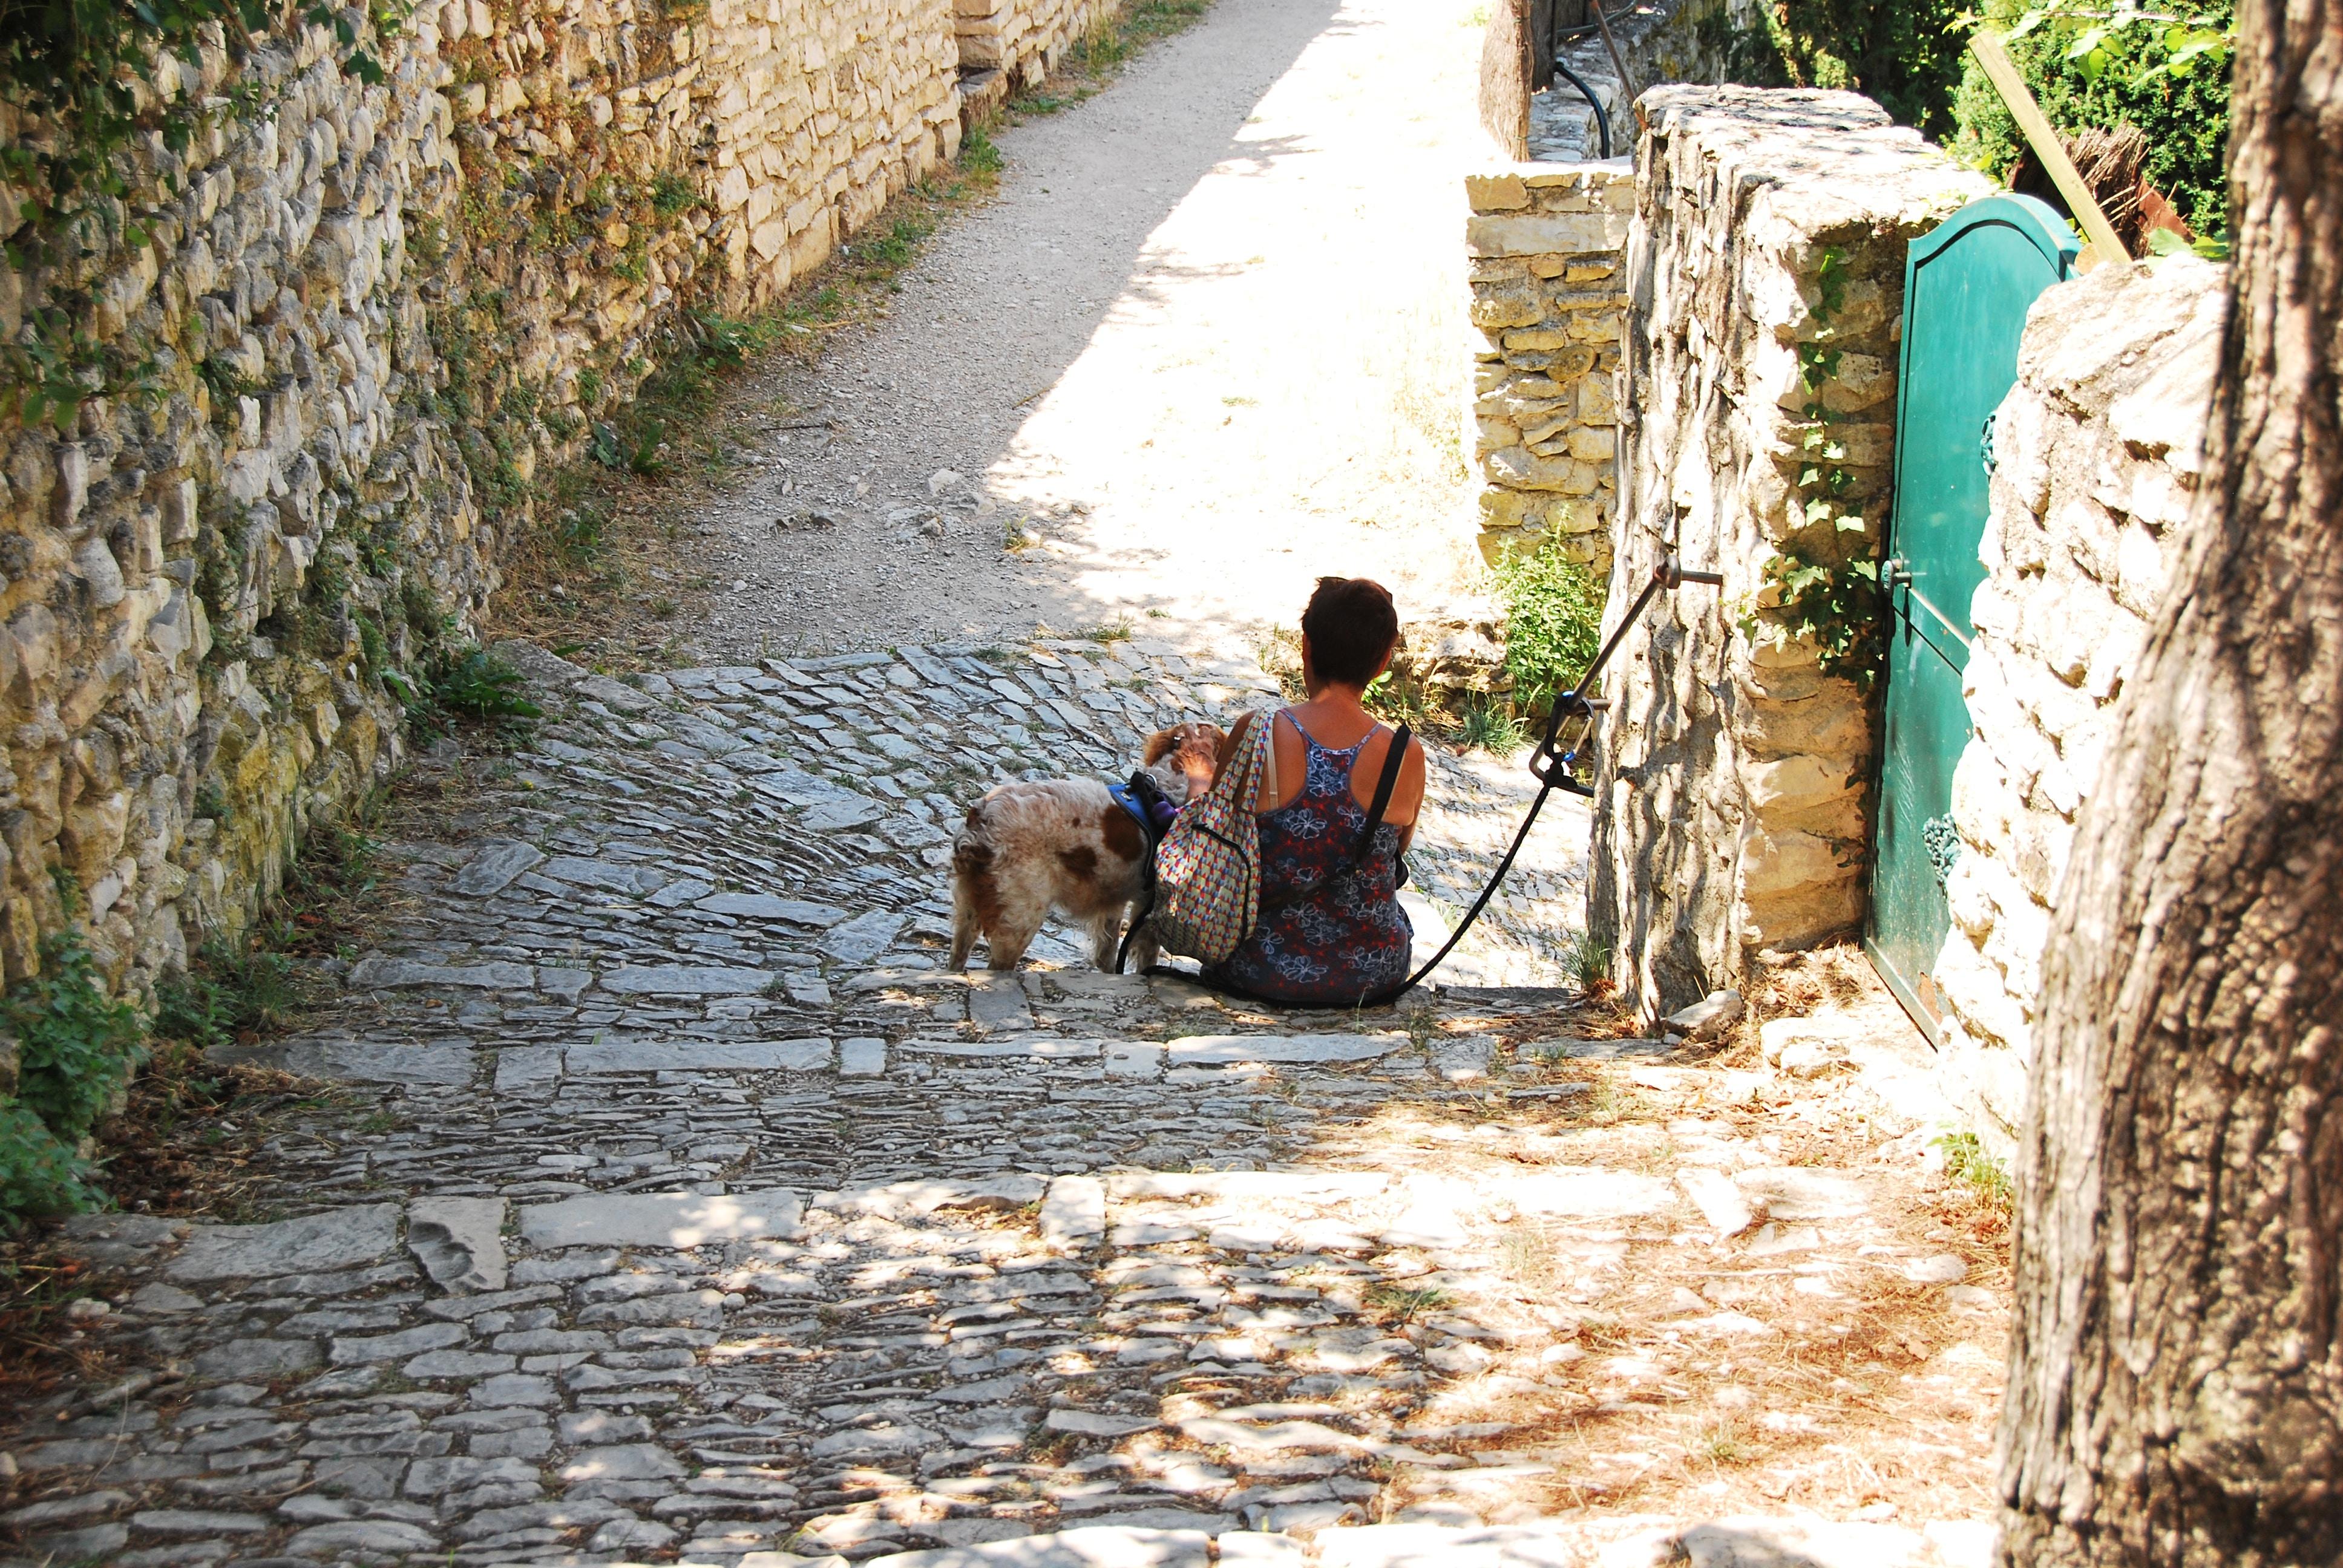 man sitting on gray pathway during daytime